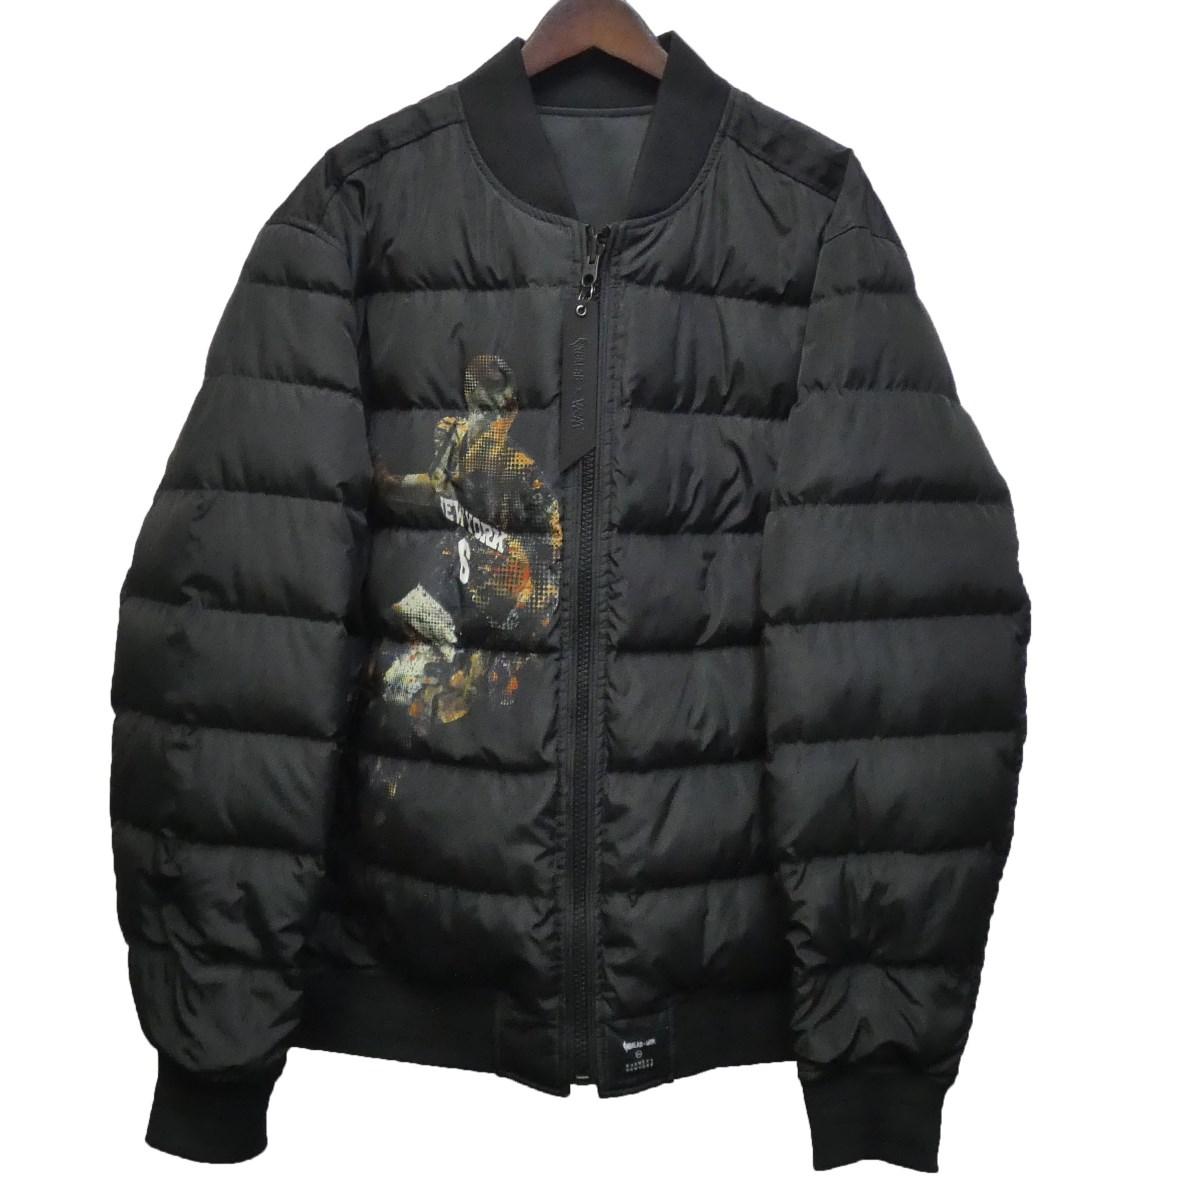 【中古】The Very Warm ×NBALAB ×BARNEYS NEWYORK リバーシブルボンバージャケット ブラック サイズ:XL 【100420】(ザベリーウォーム)